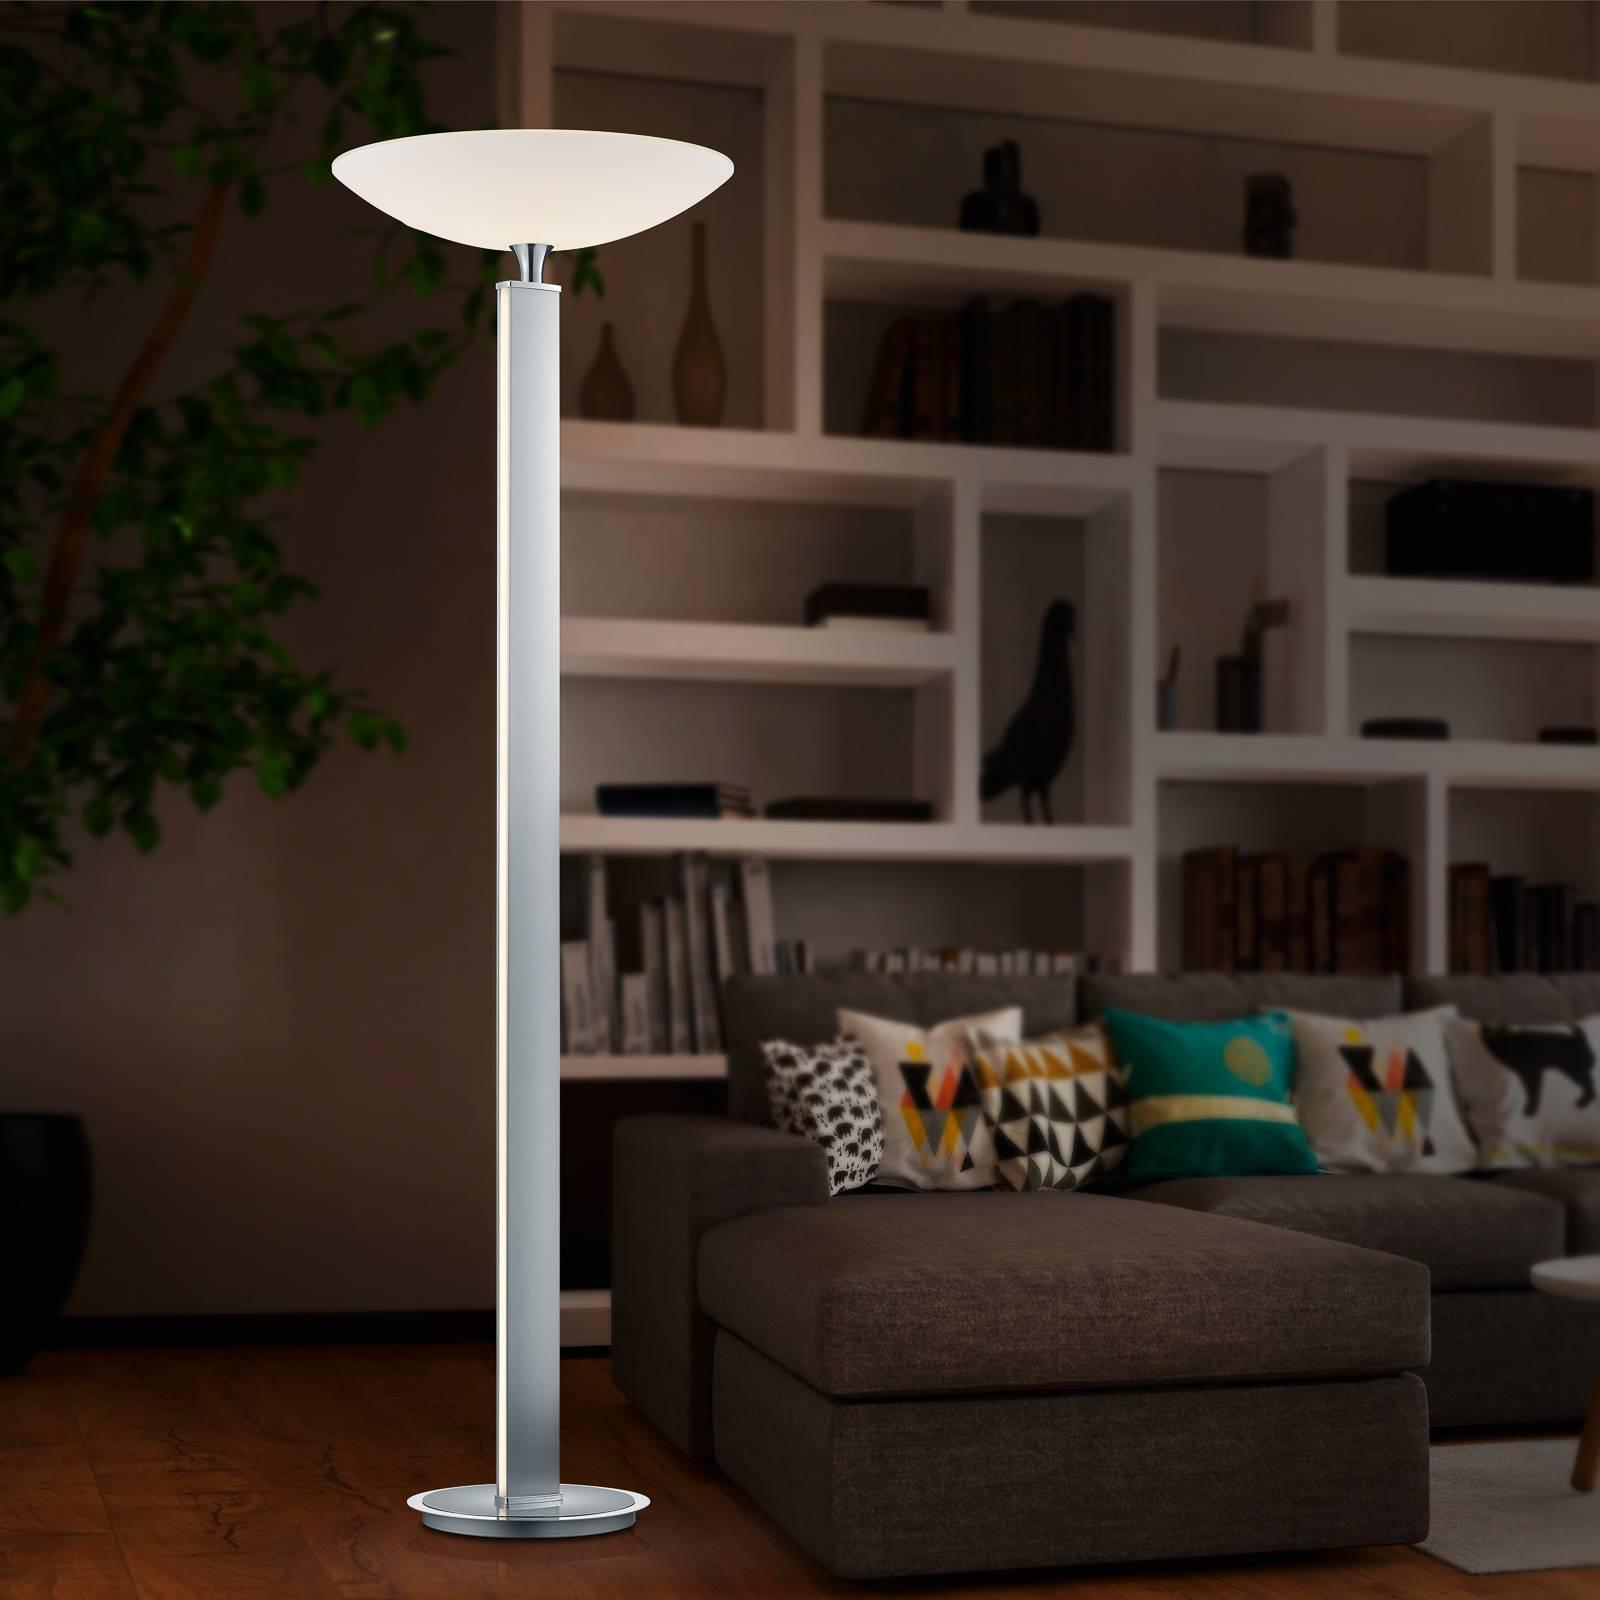 BANKAMP Pure F LED-uplight, nikkel